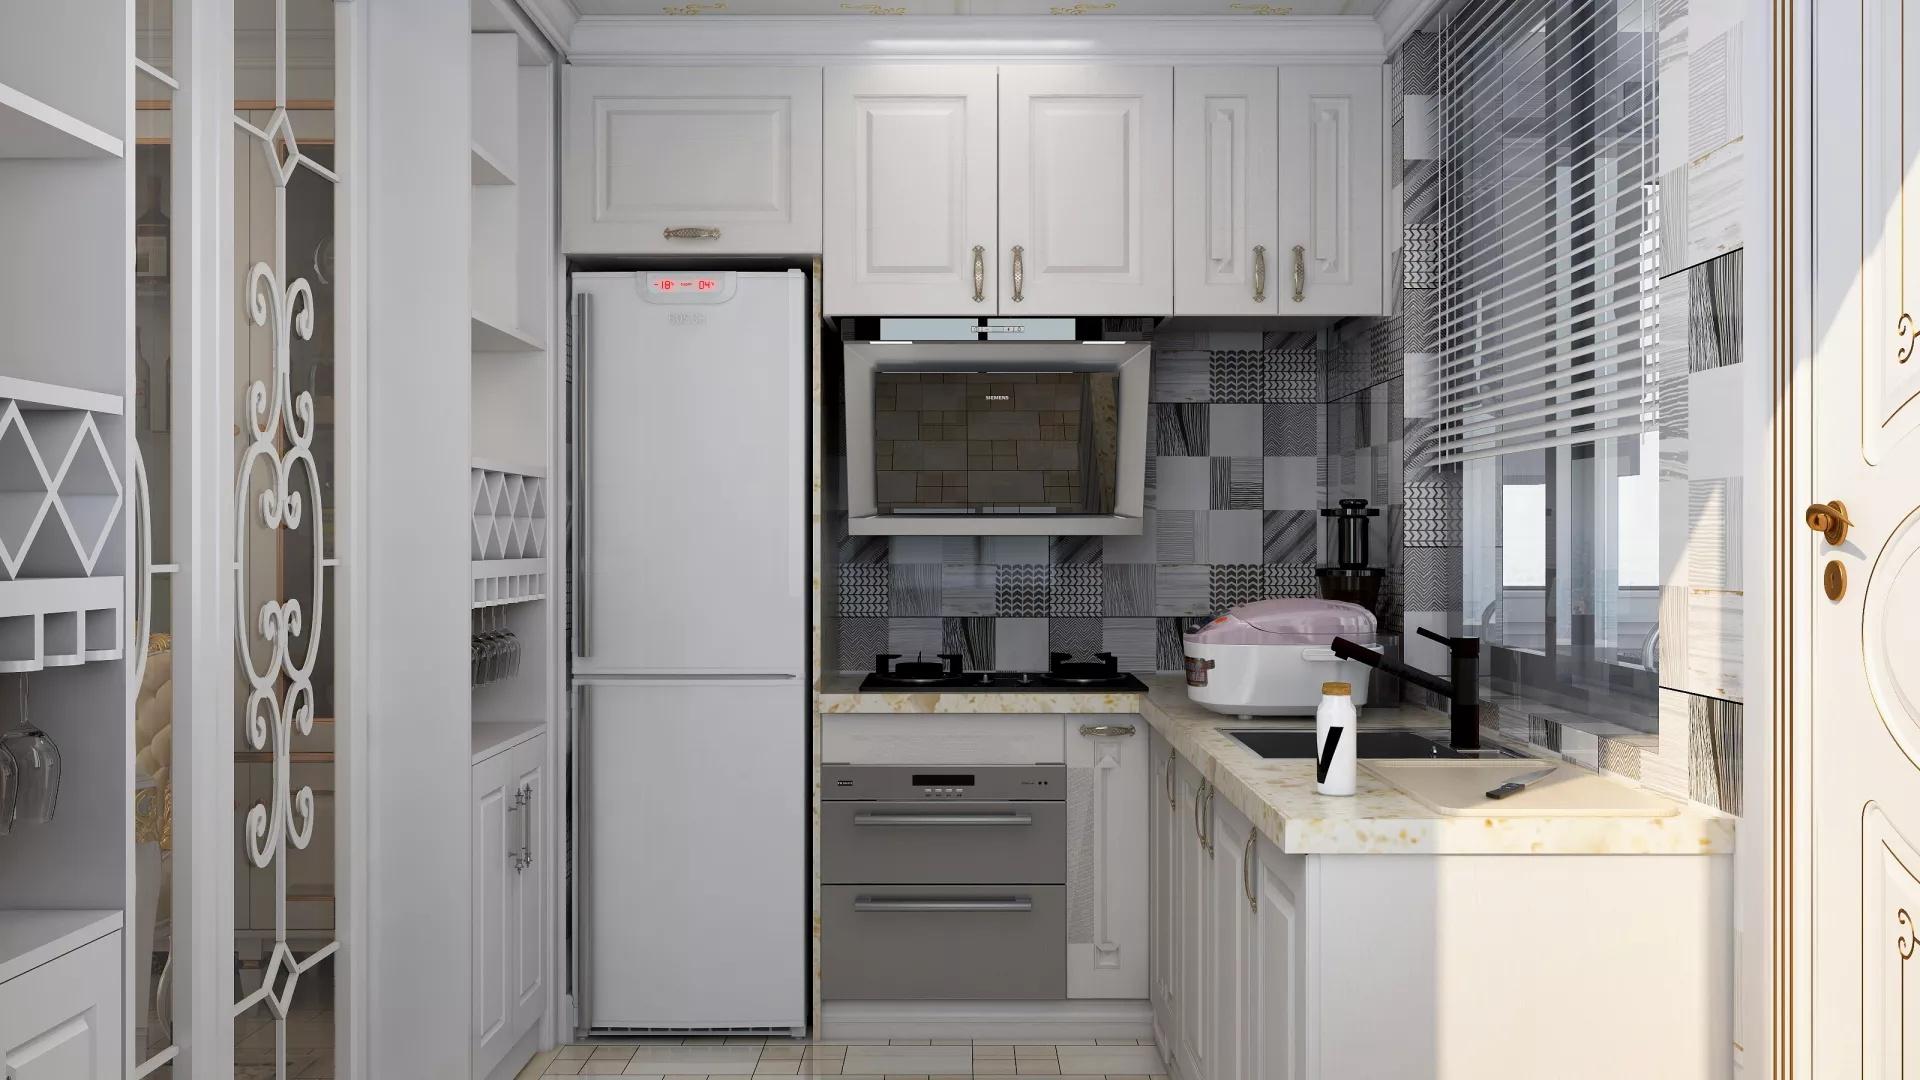 抖音捧红洗衣机柜 阳台洗衣机柜要如何设计